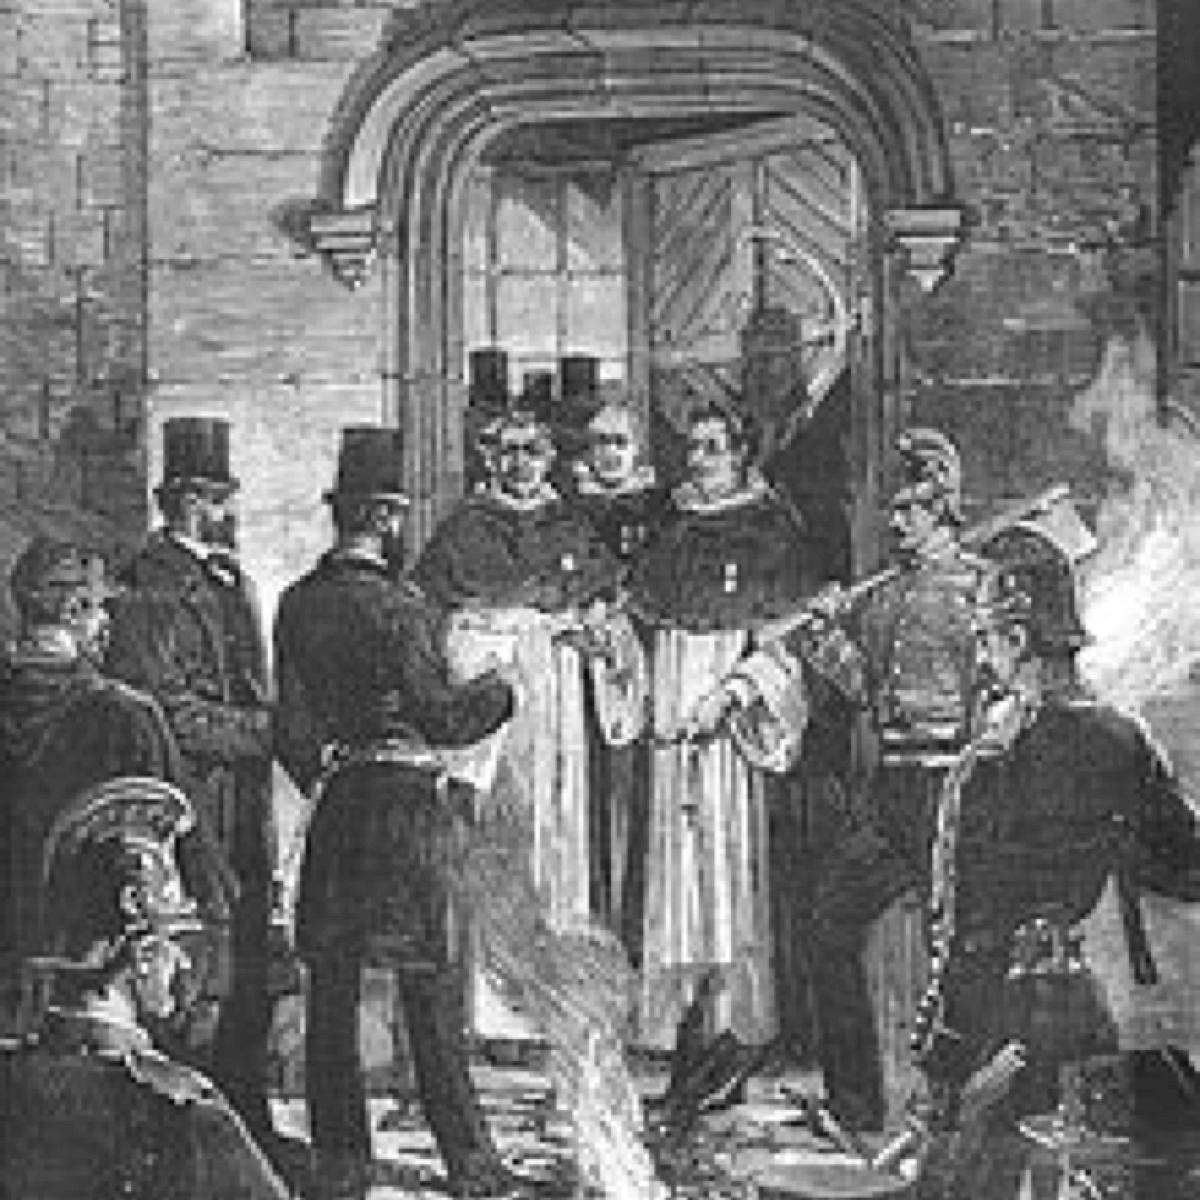 En 1880, un décret ordonne l'expulsion des moines de 261 monastères, dont l'abbaye de Timadeuc